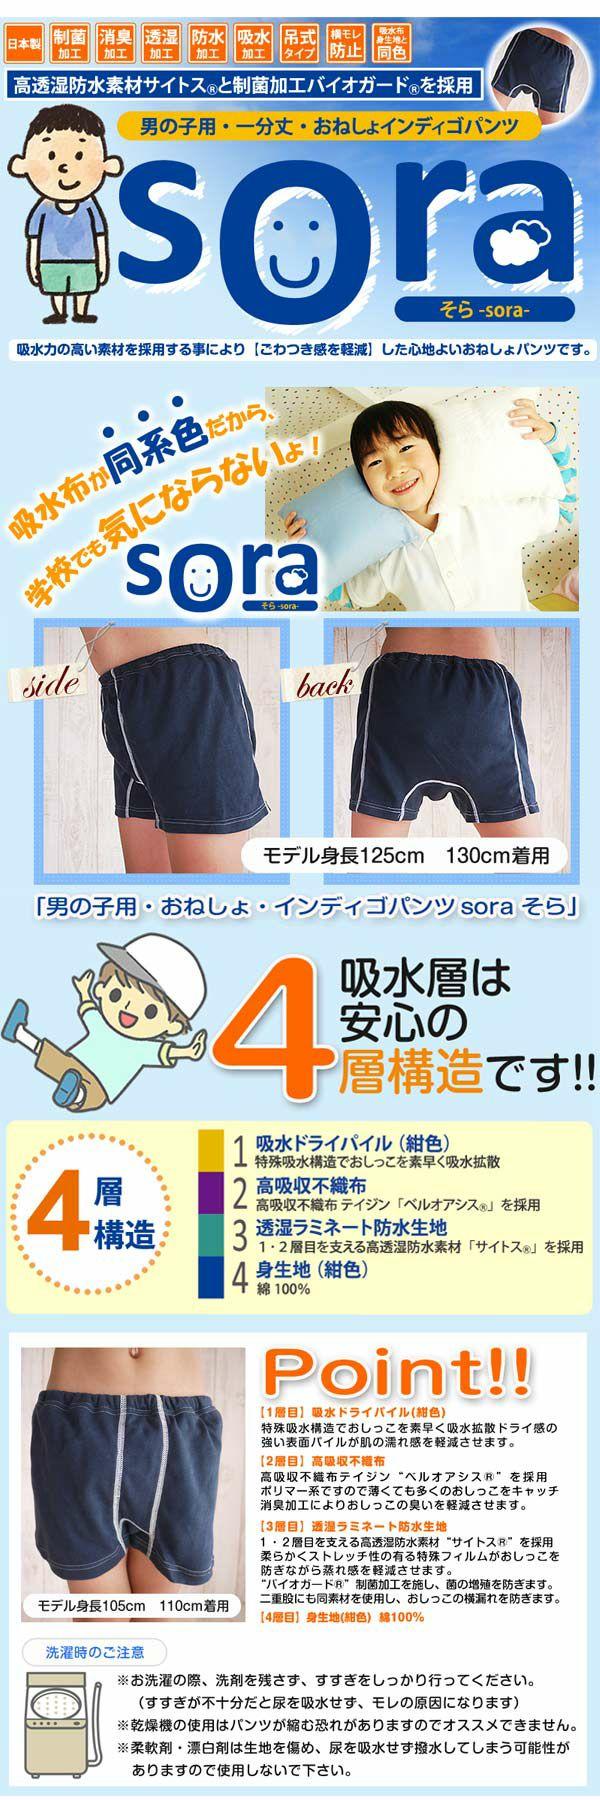 【Sora】おねしょパンツ【130cm】【80cc】